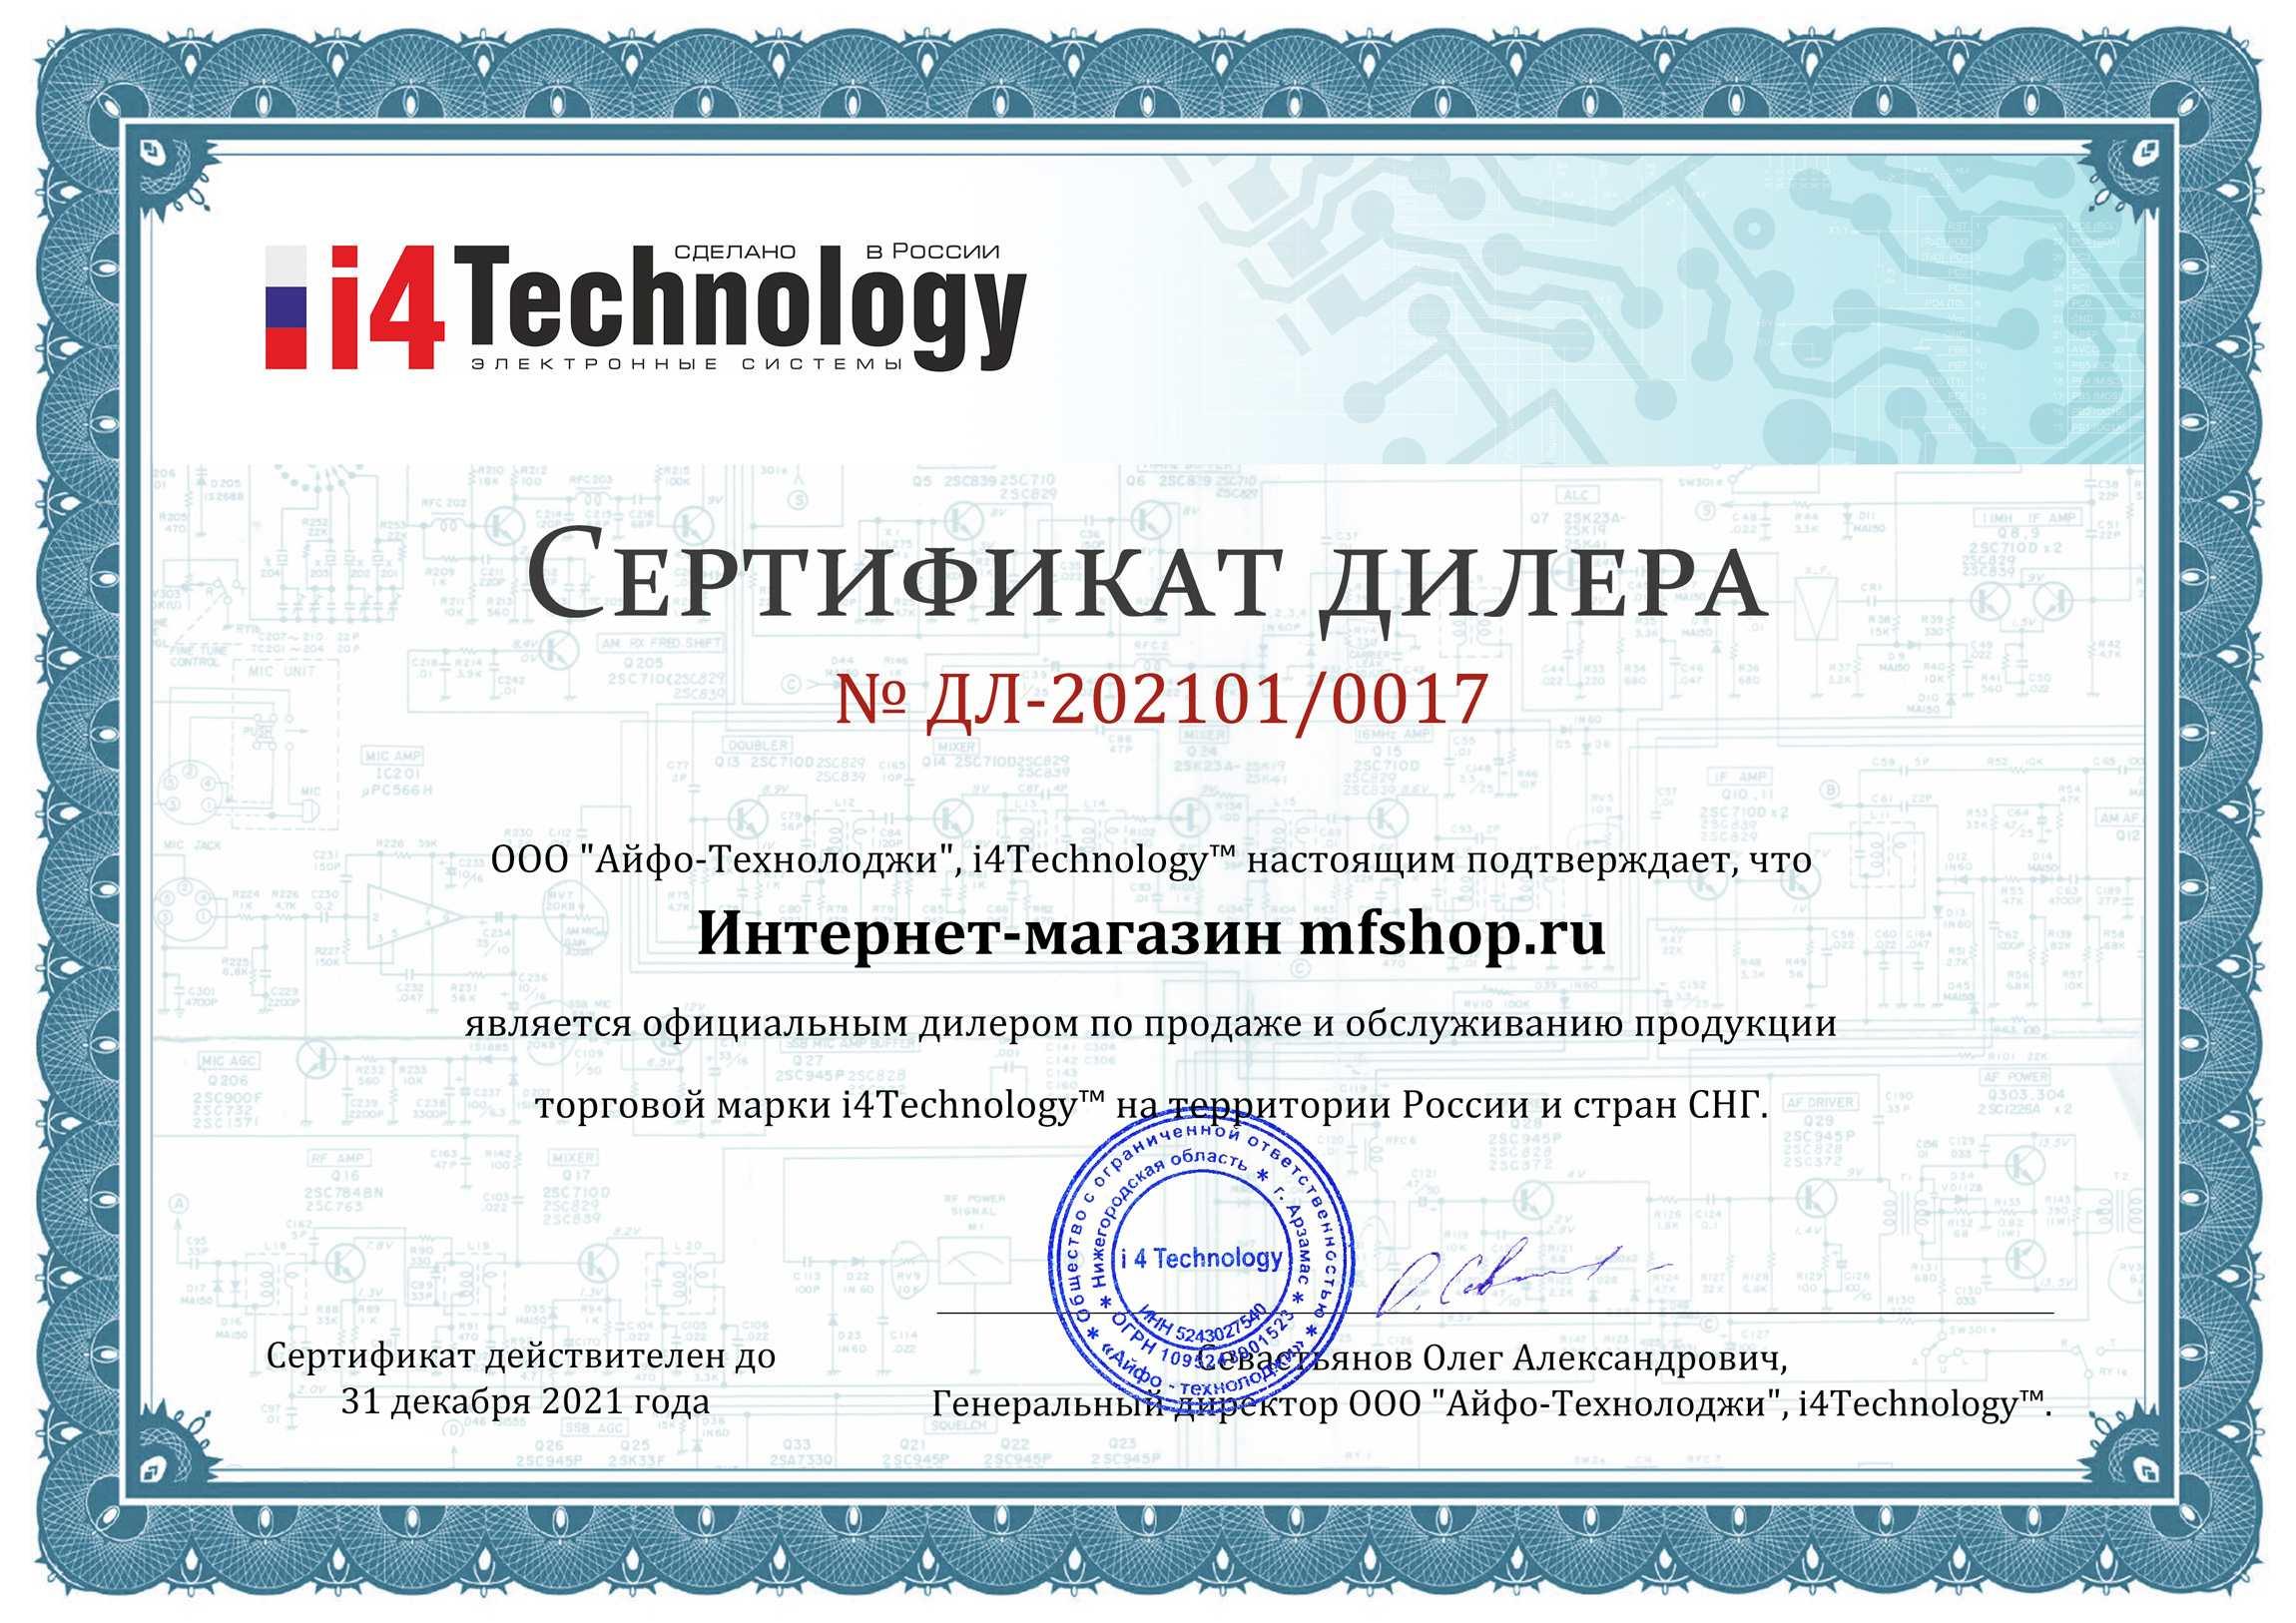 Сертификат дилера на право реализации продукции компании i4technology